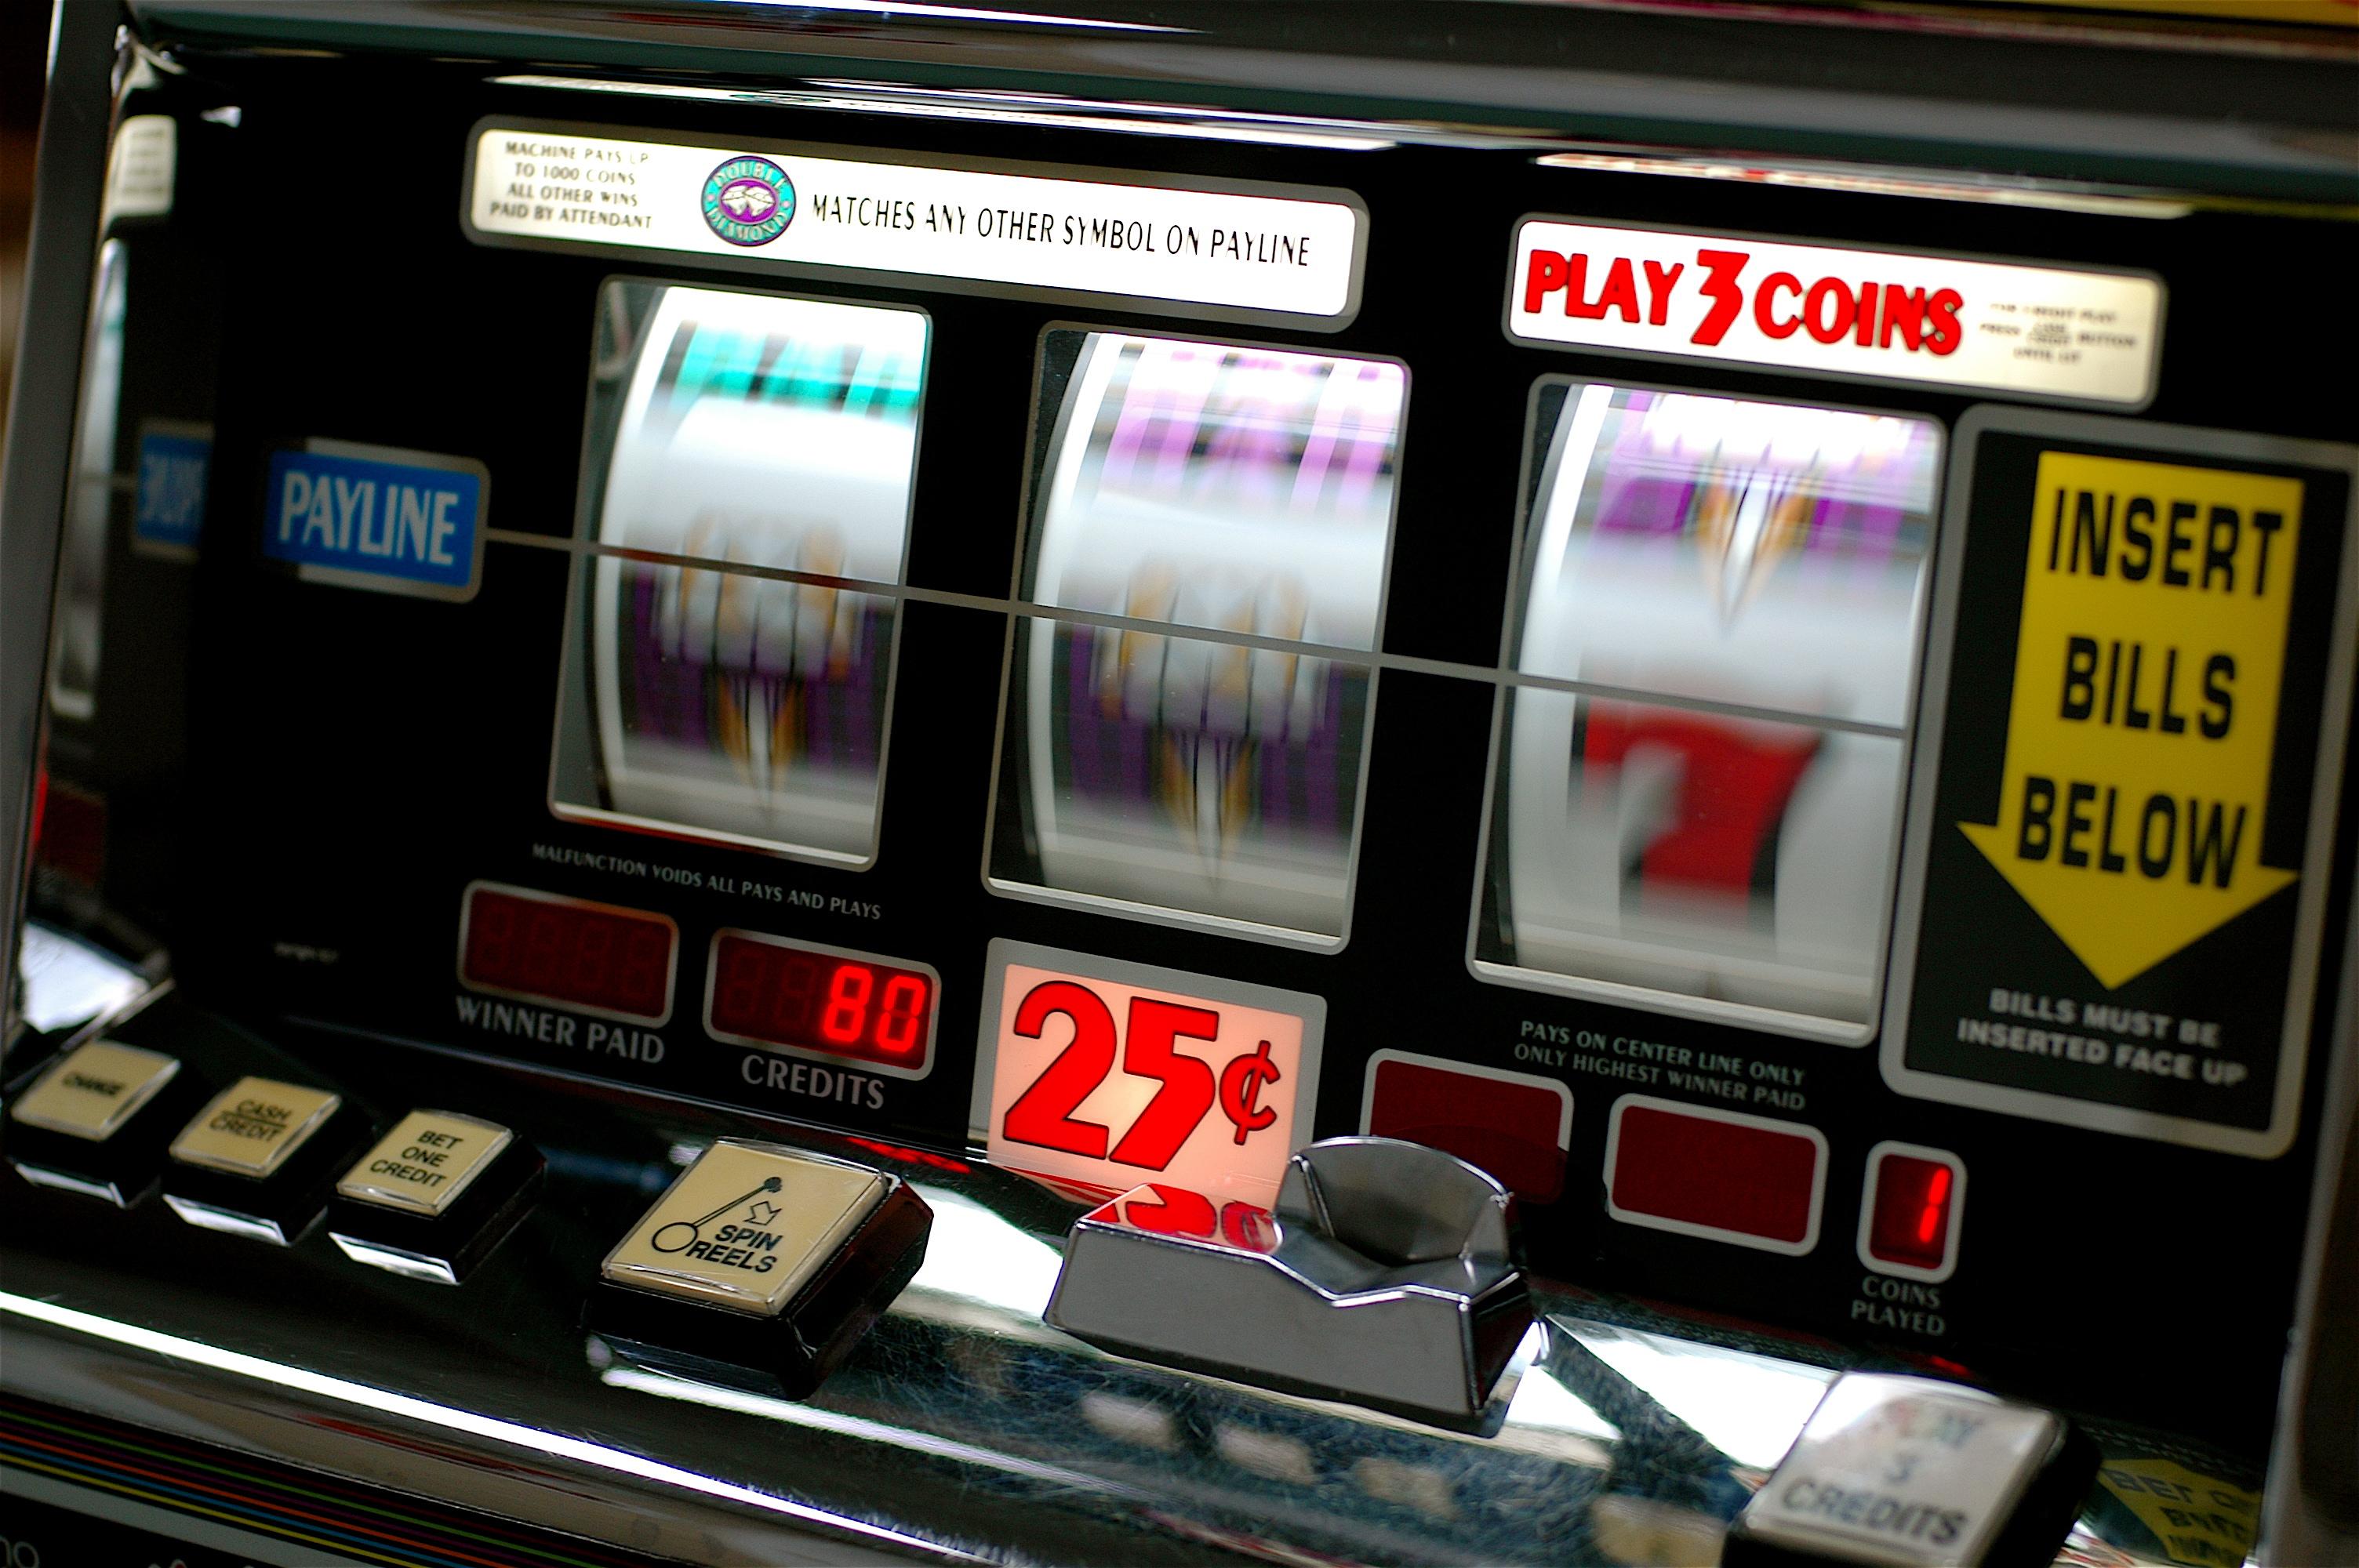 Fermati e arrestati dopo il furto di una slot machine